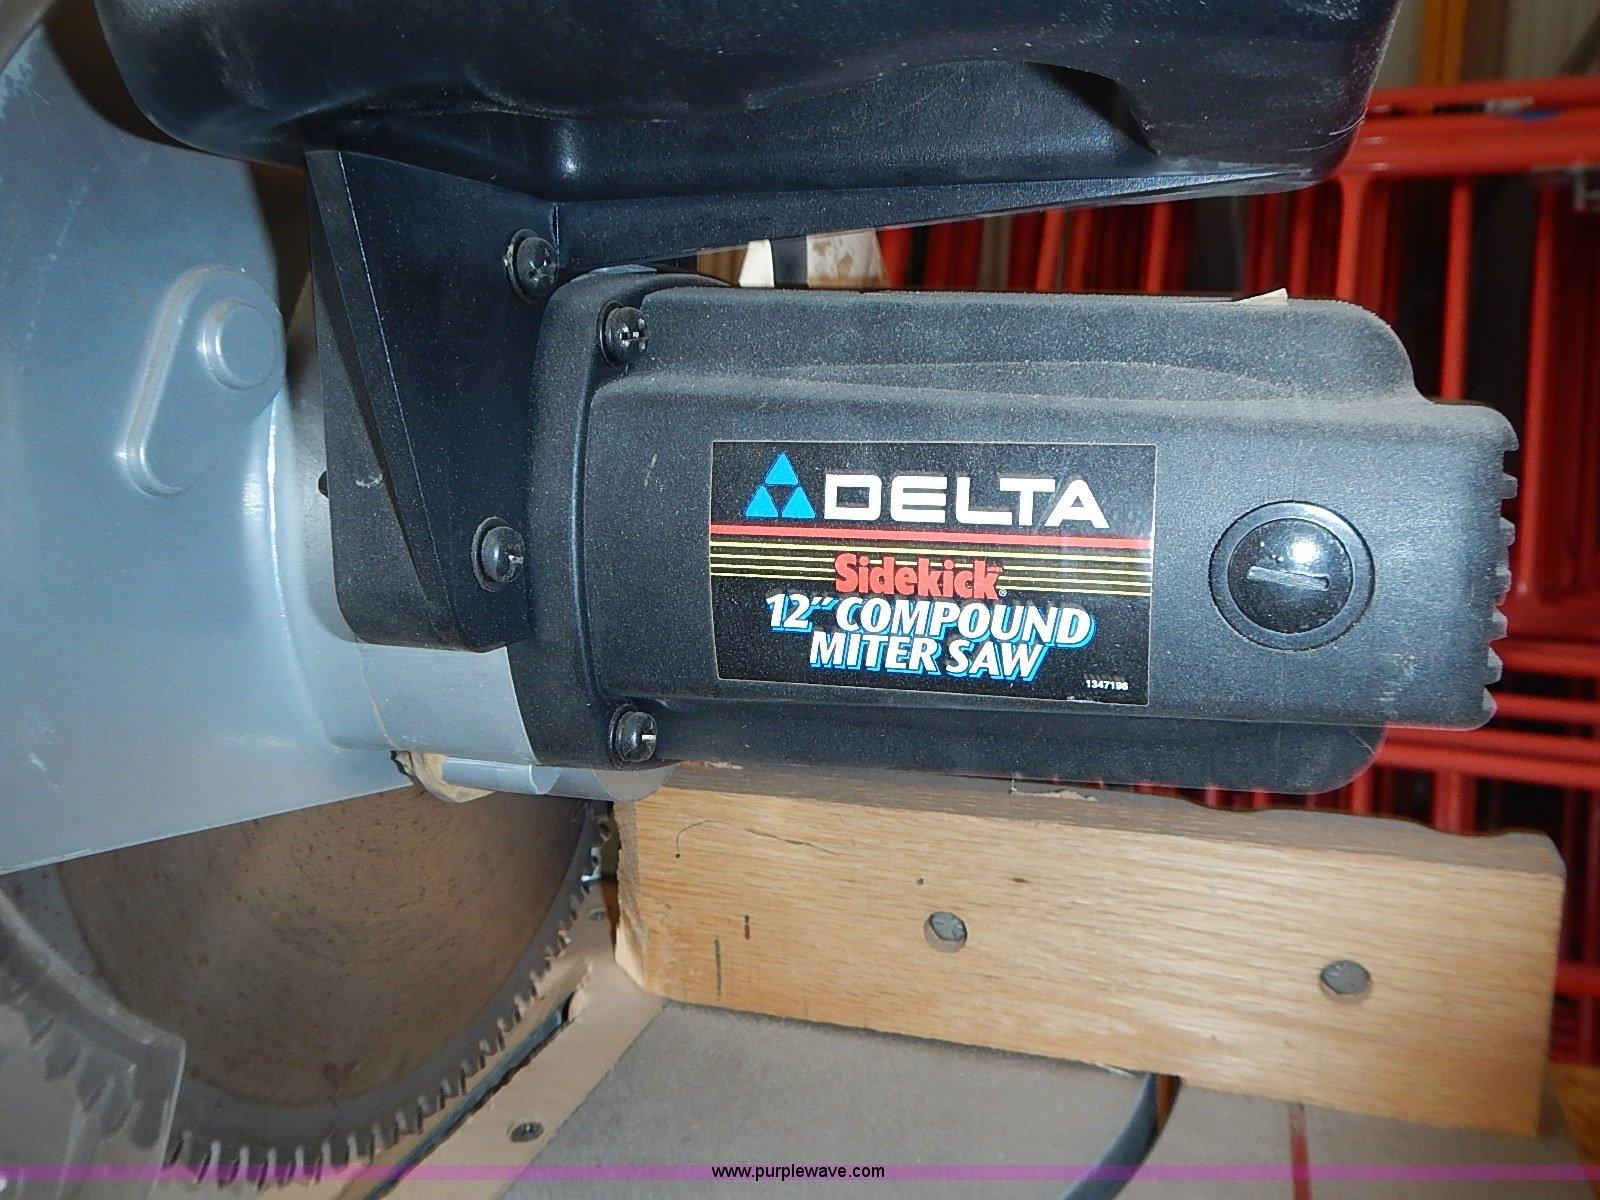 Delta Sidekick 12 Compound Miter Saw 36 235